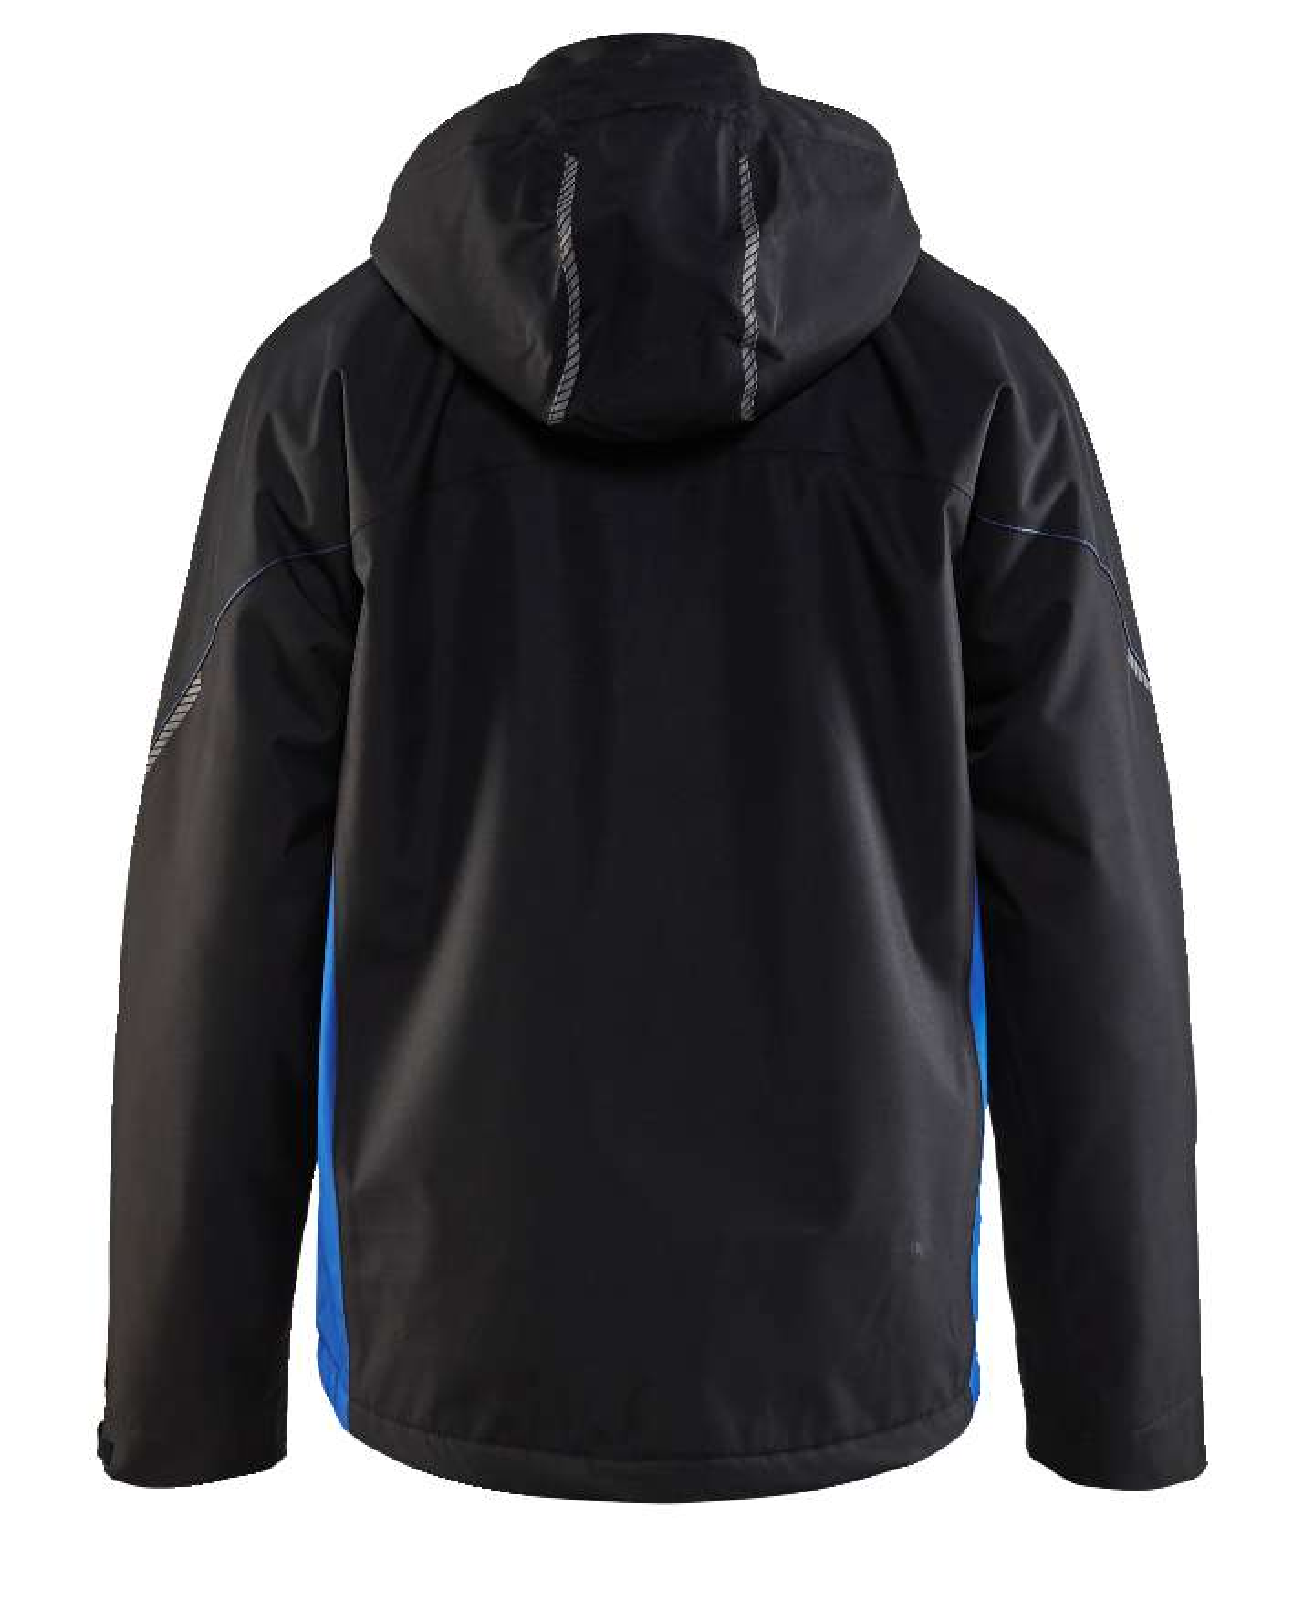 Blaklader Jassen 47901977 zwart-korenblauw(9985)